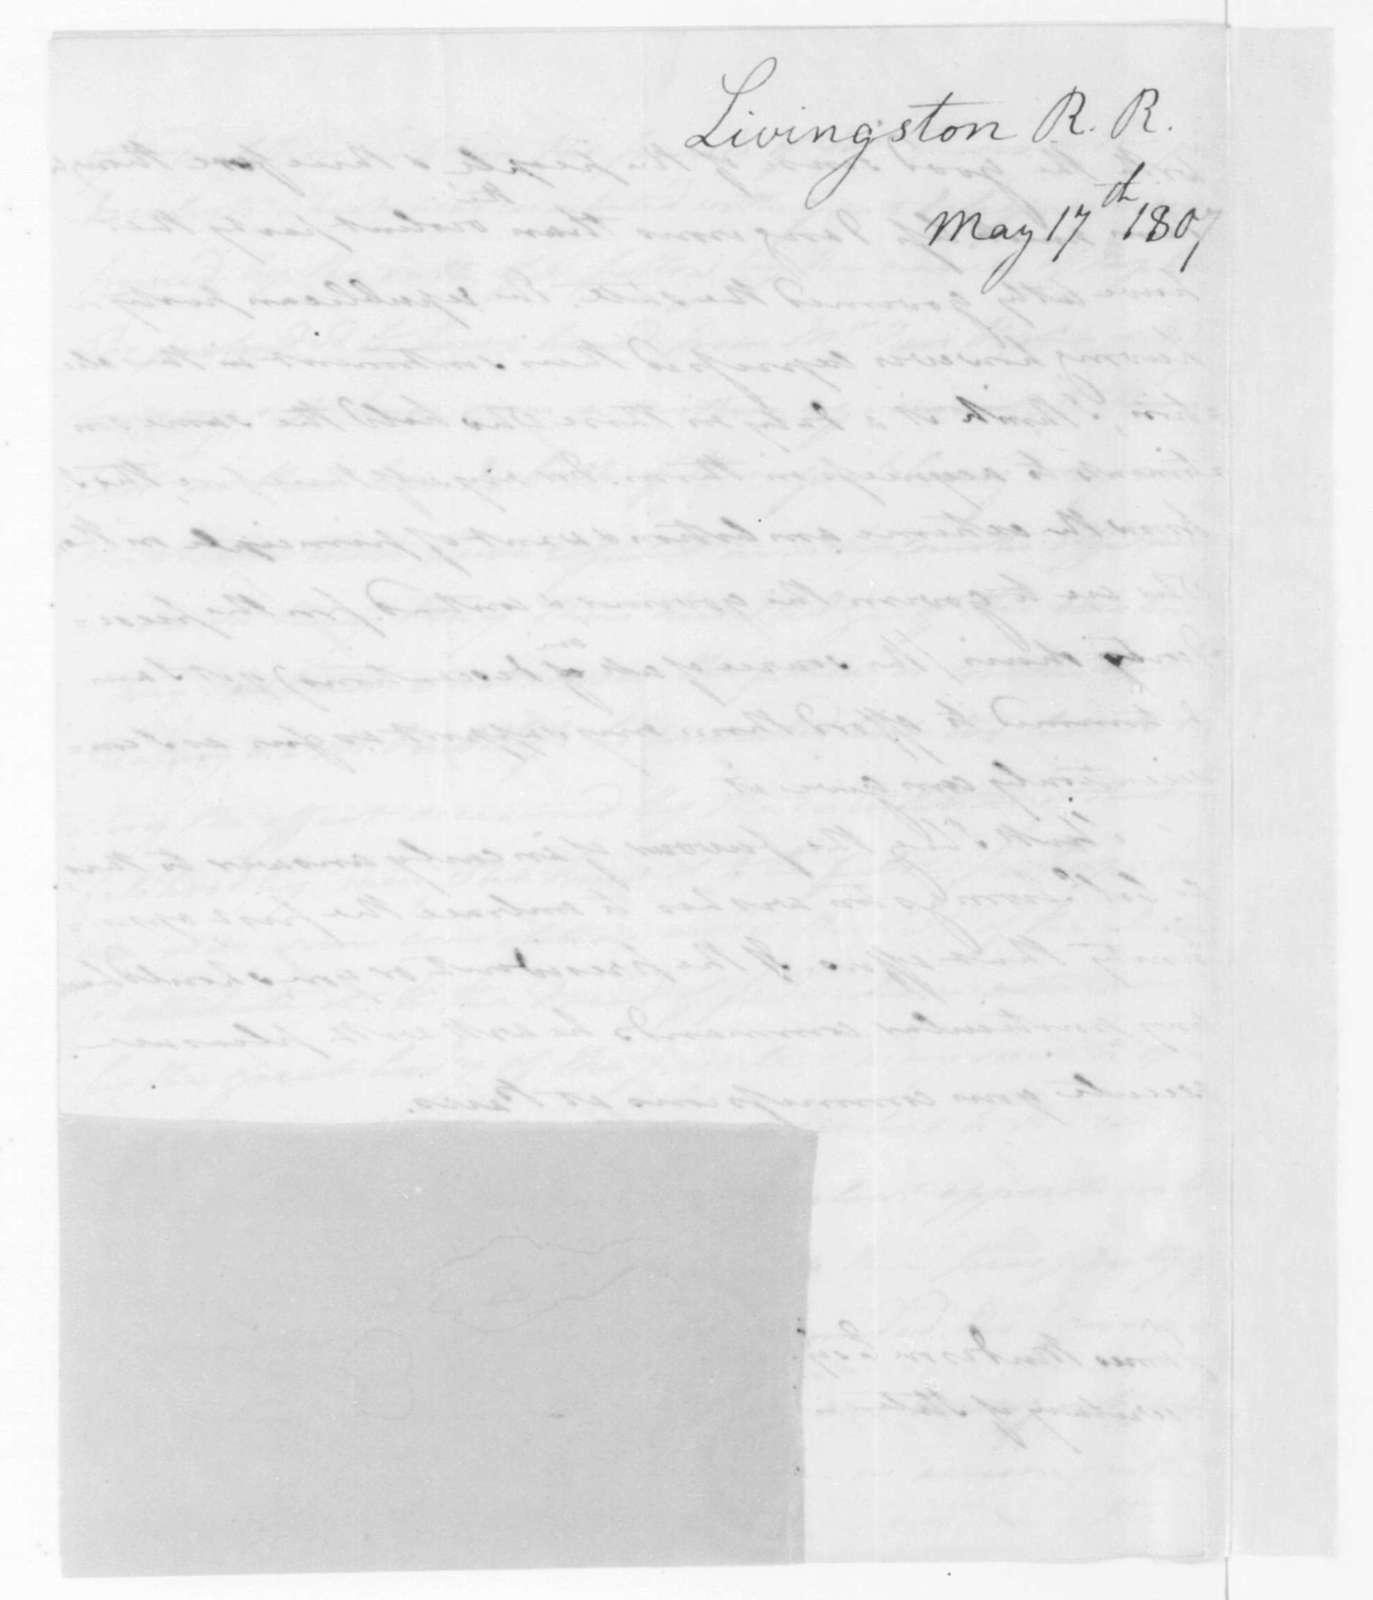 Robert R. Livingston to James Madison, May 17, 1807.